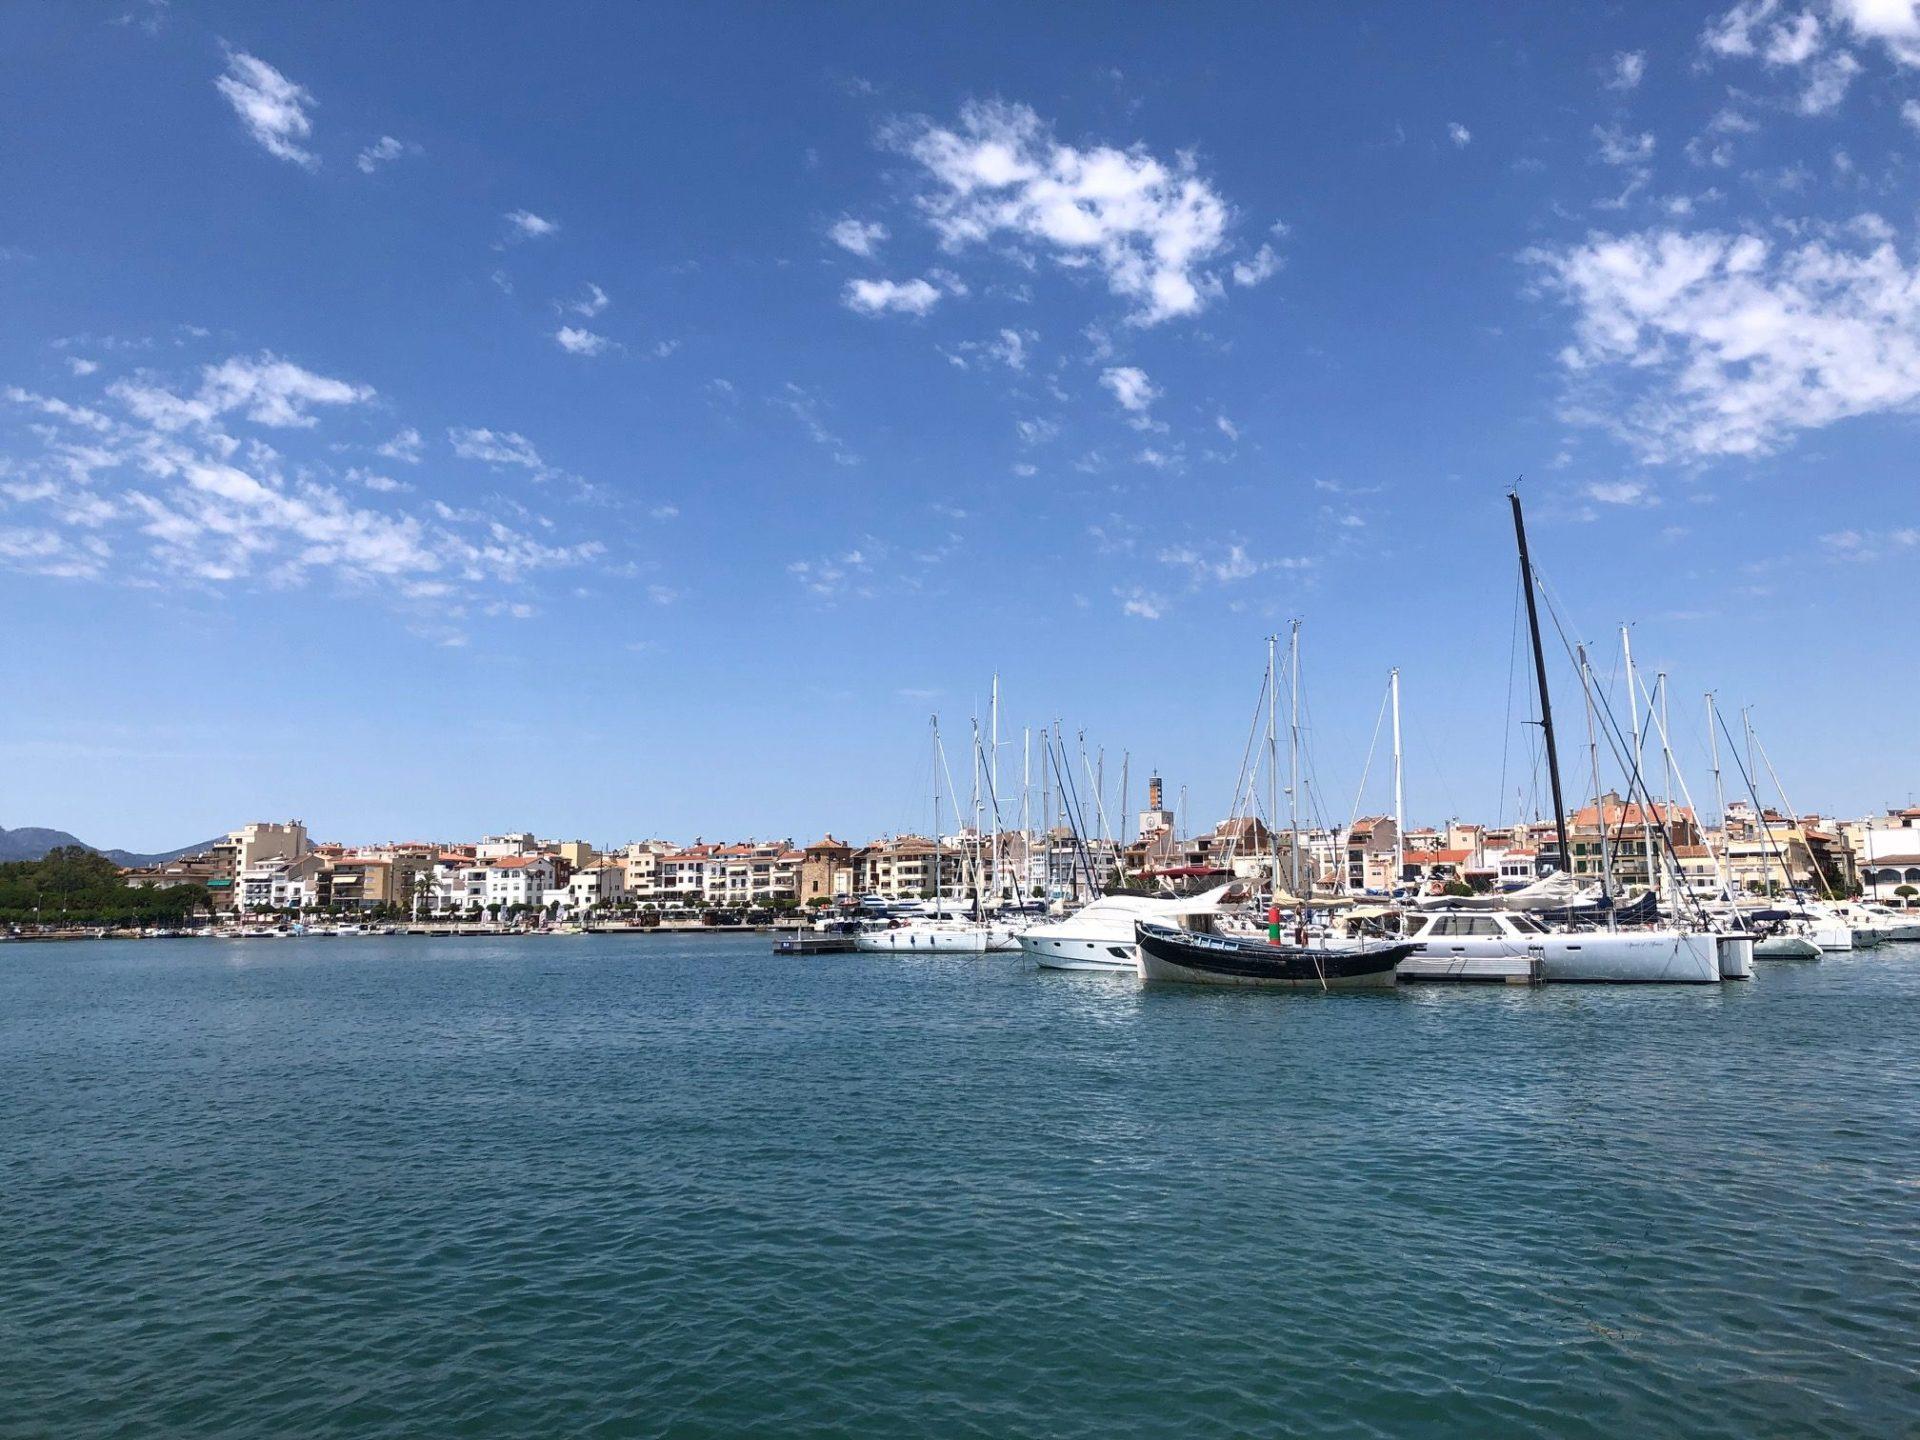 Hafen bei Cambrils